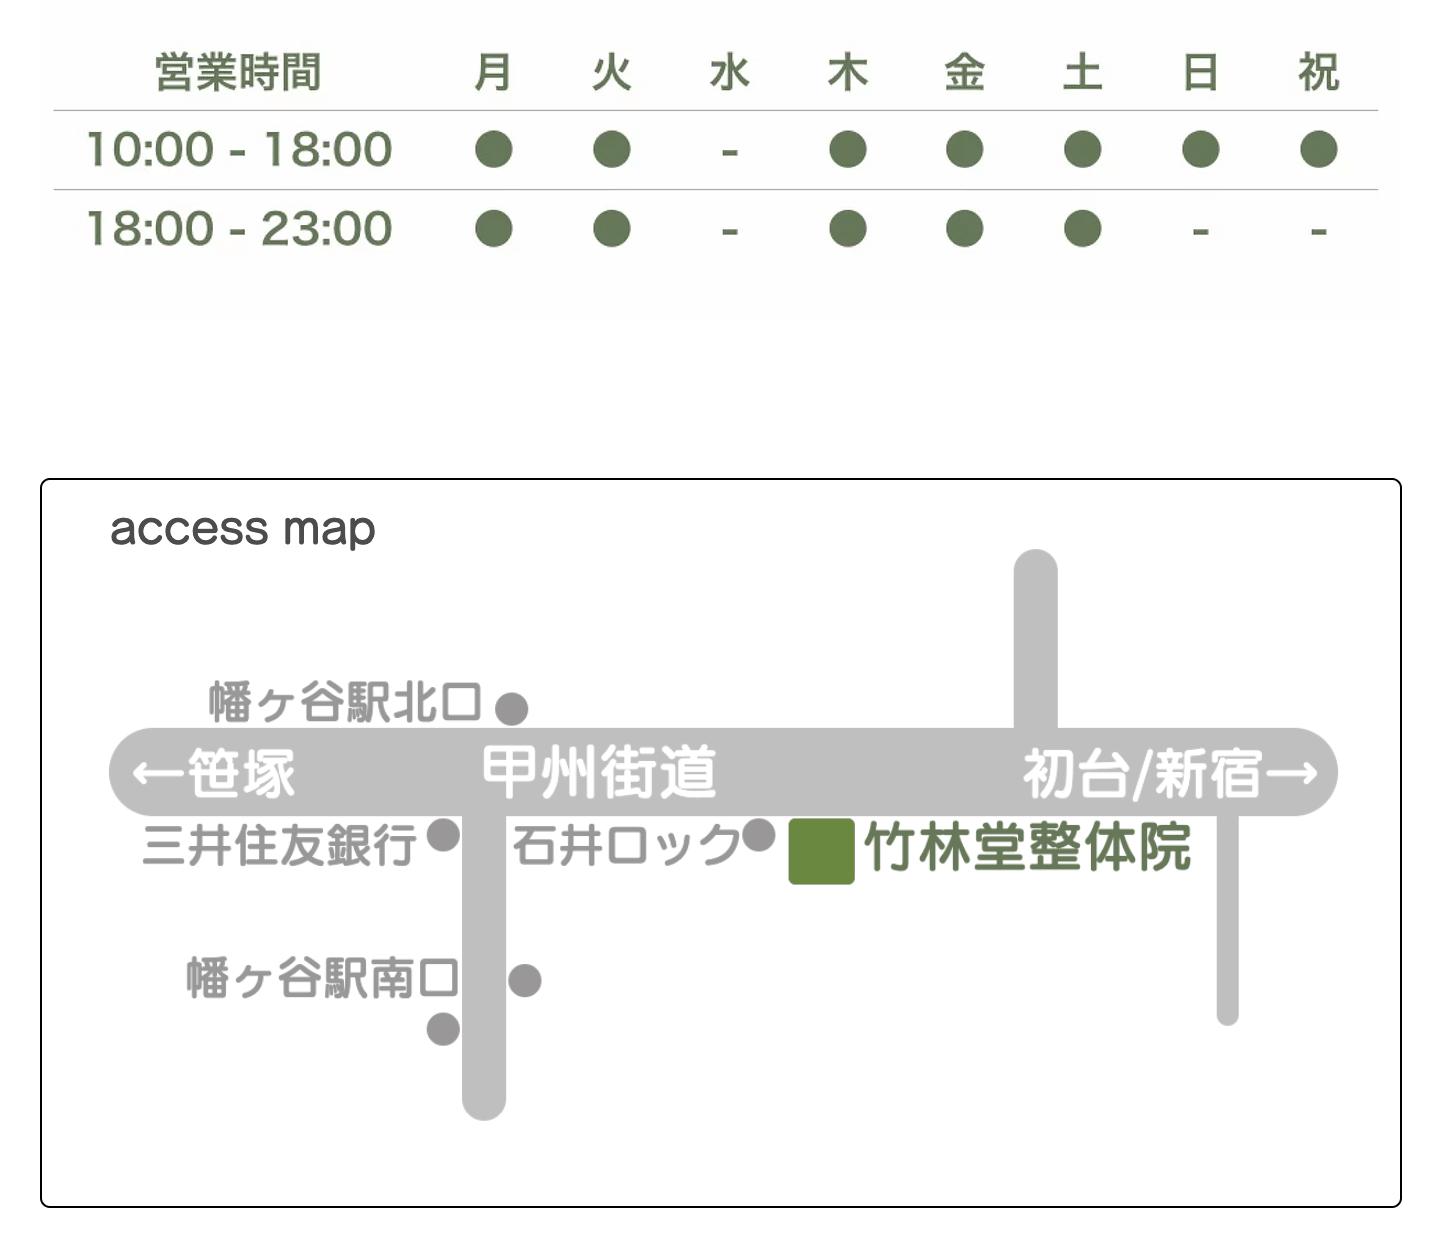 9月初回限定[整体]or[リラク] 3000円OFF!